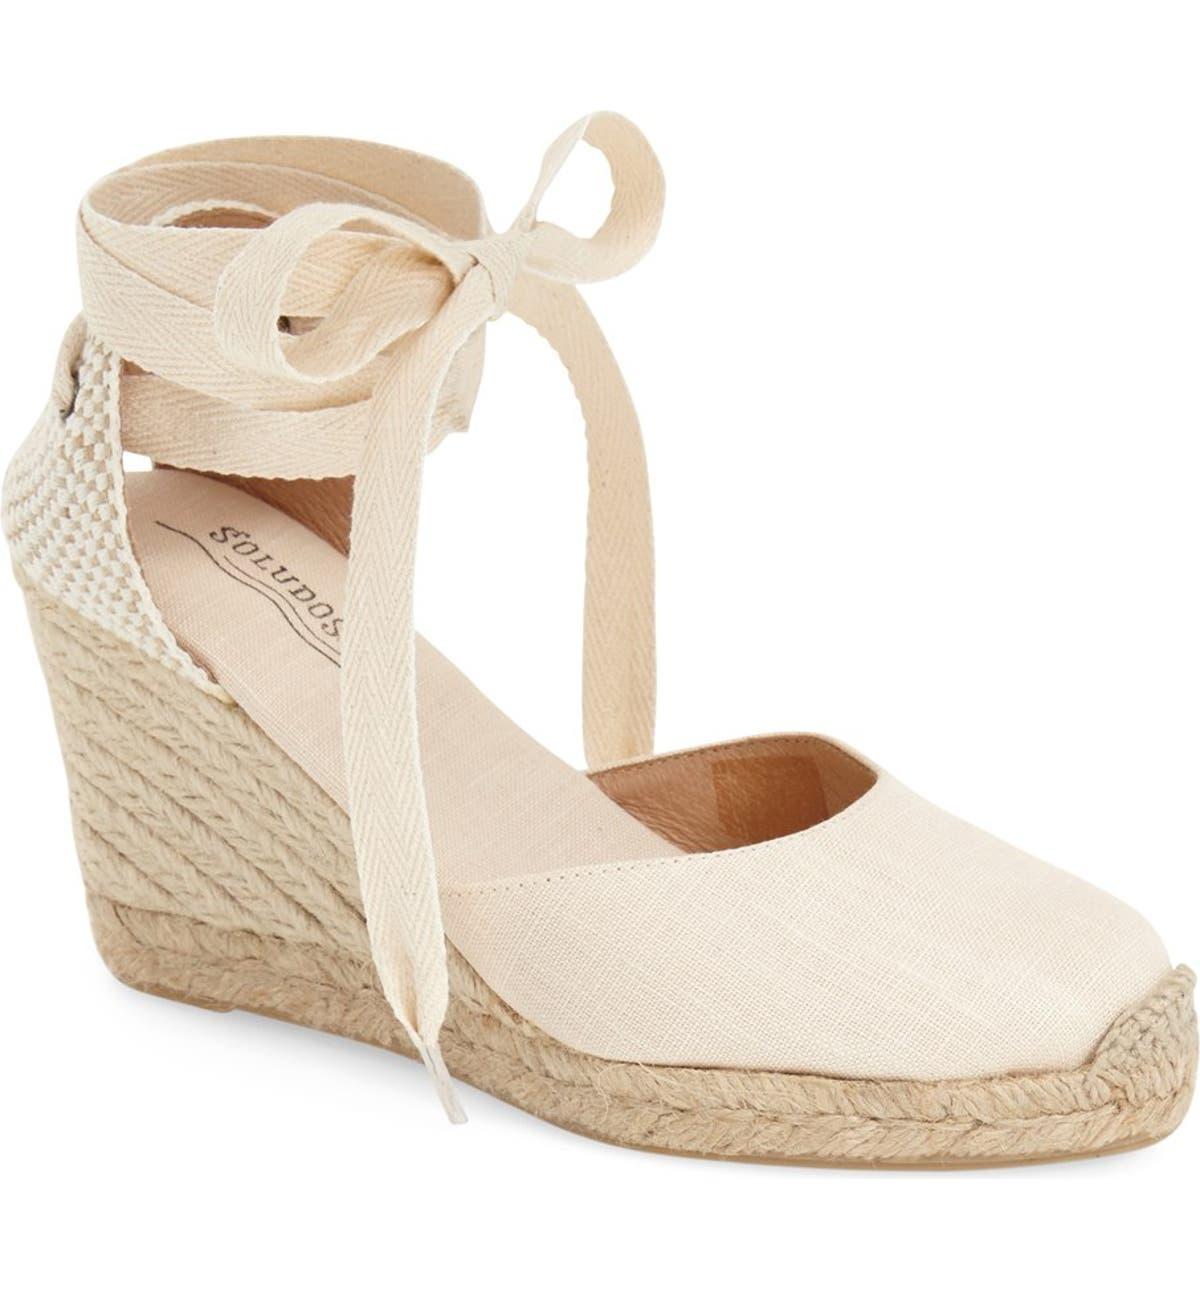 96d74d1be36 Wedge Lace-Up Espadrille Sandal